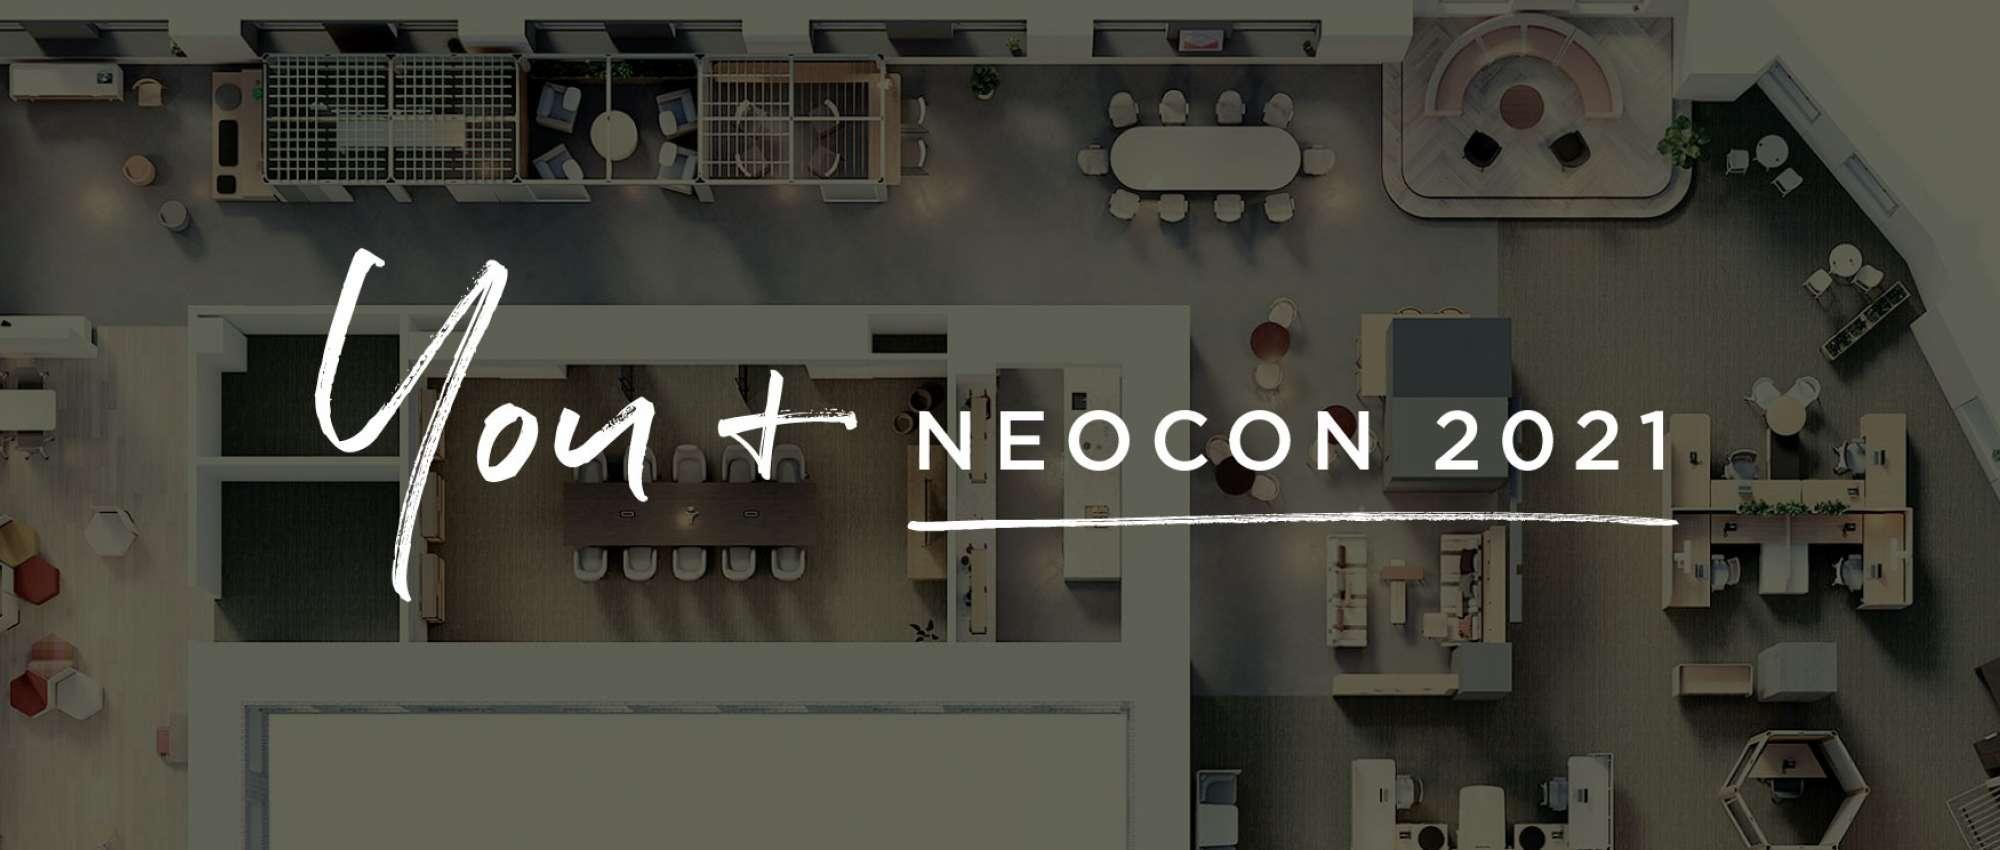 You+ NeoCon 2021